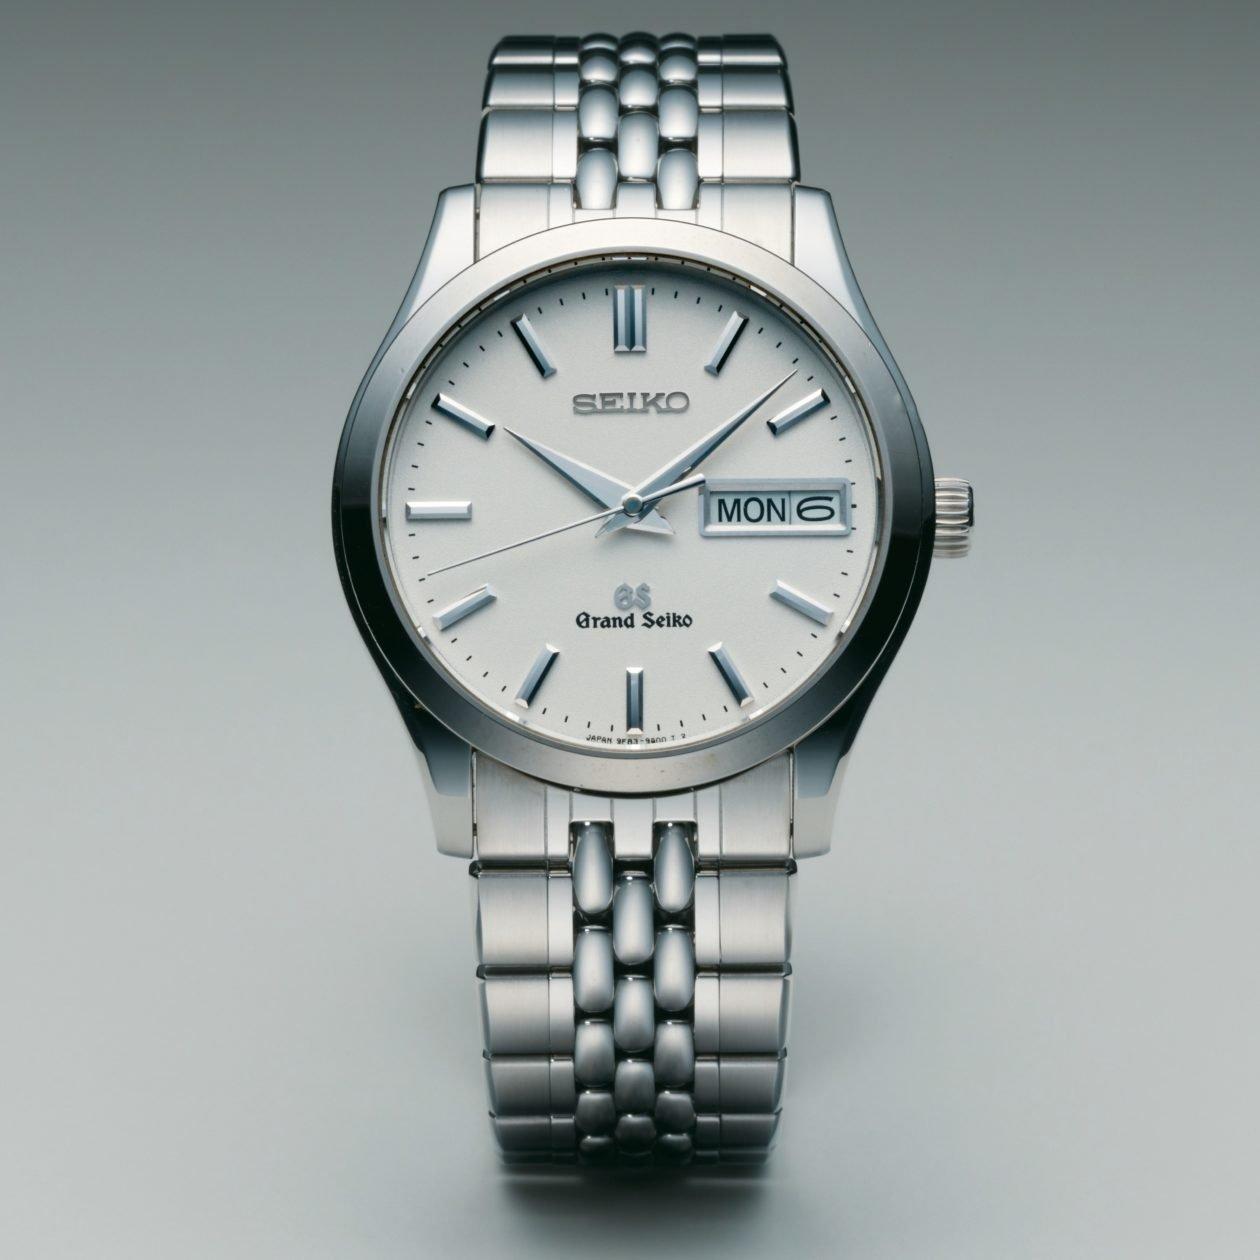 Grand Seiko 9F (1993) / foto: hodinkee.com